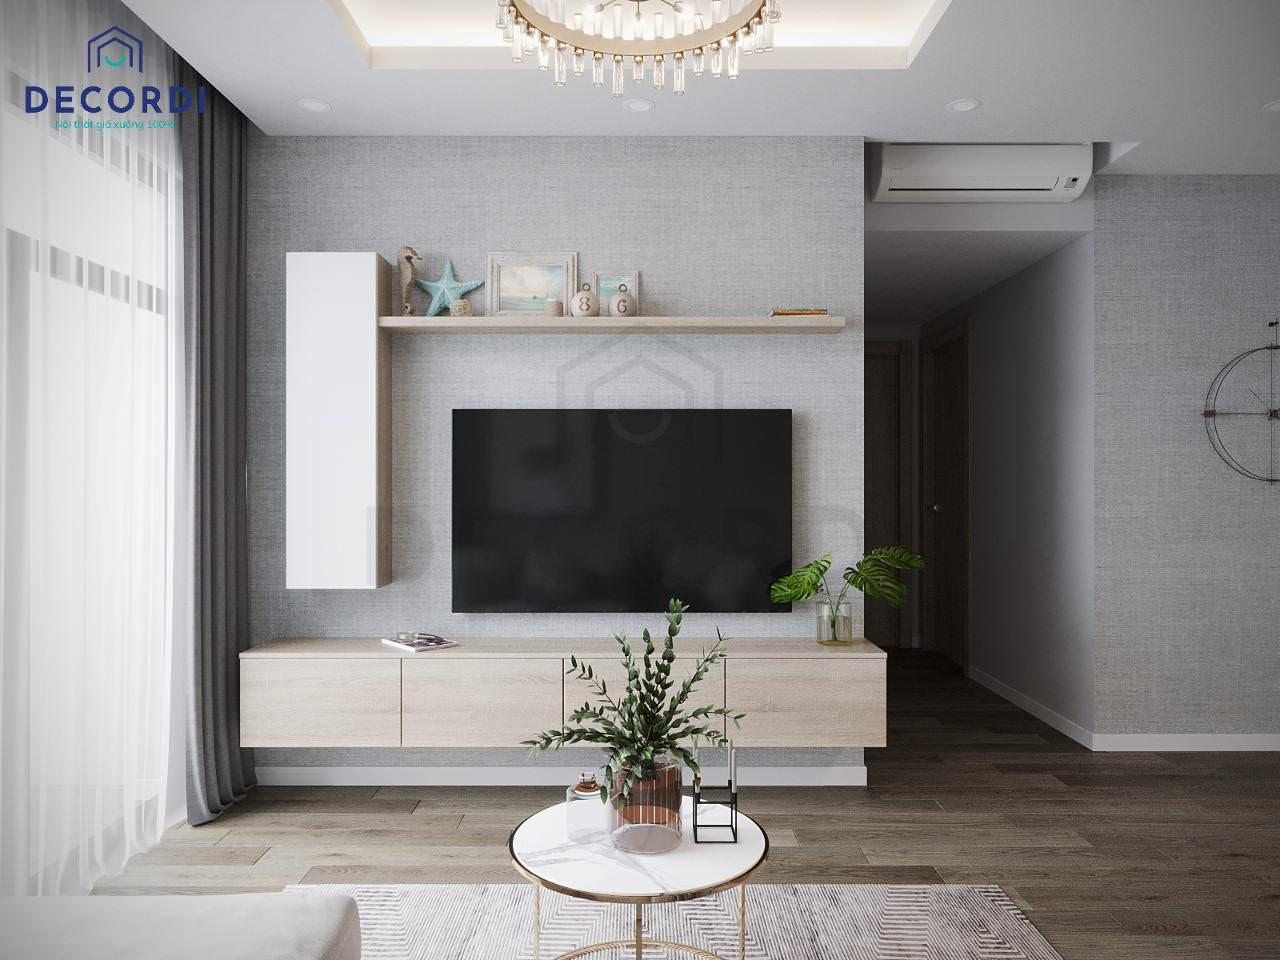 Kệ tivi treo tường màu gỗ đơn giản dễ phối